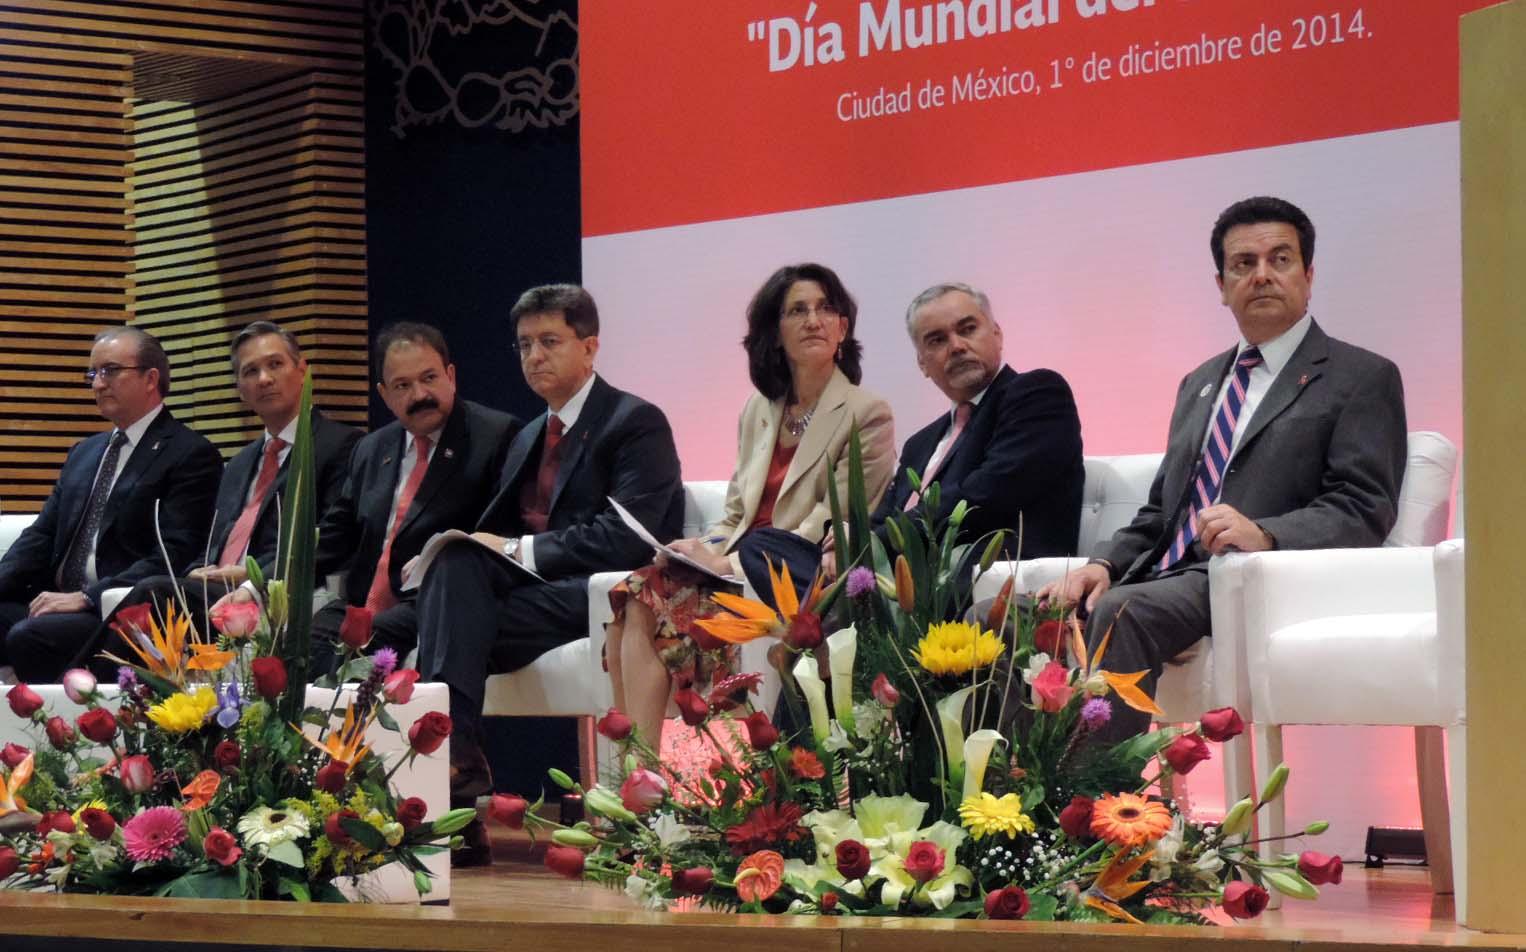 Se llevó a cabo la ceremonia del Día Mundial del Sida